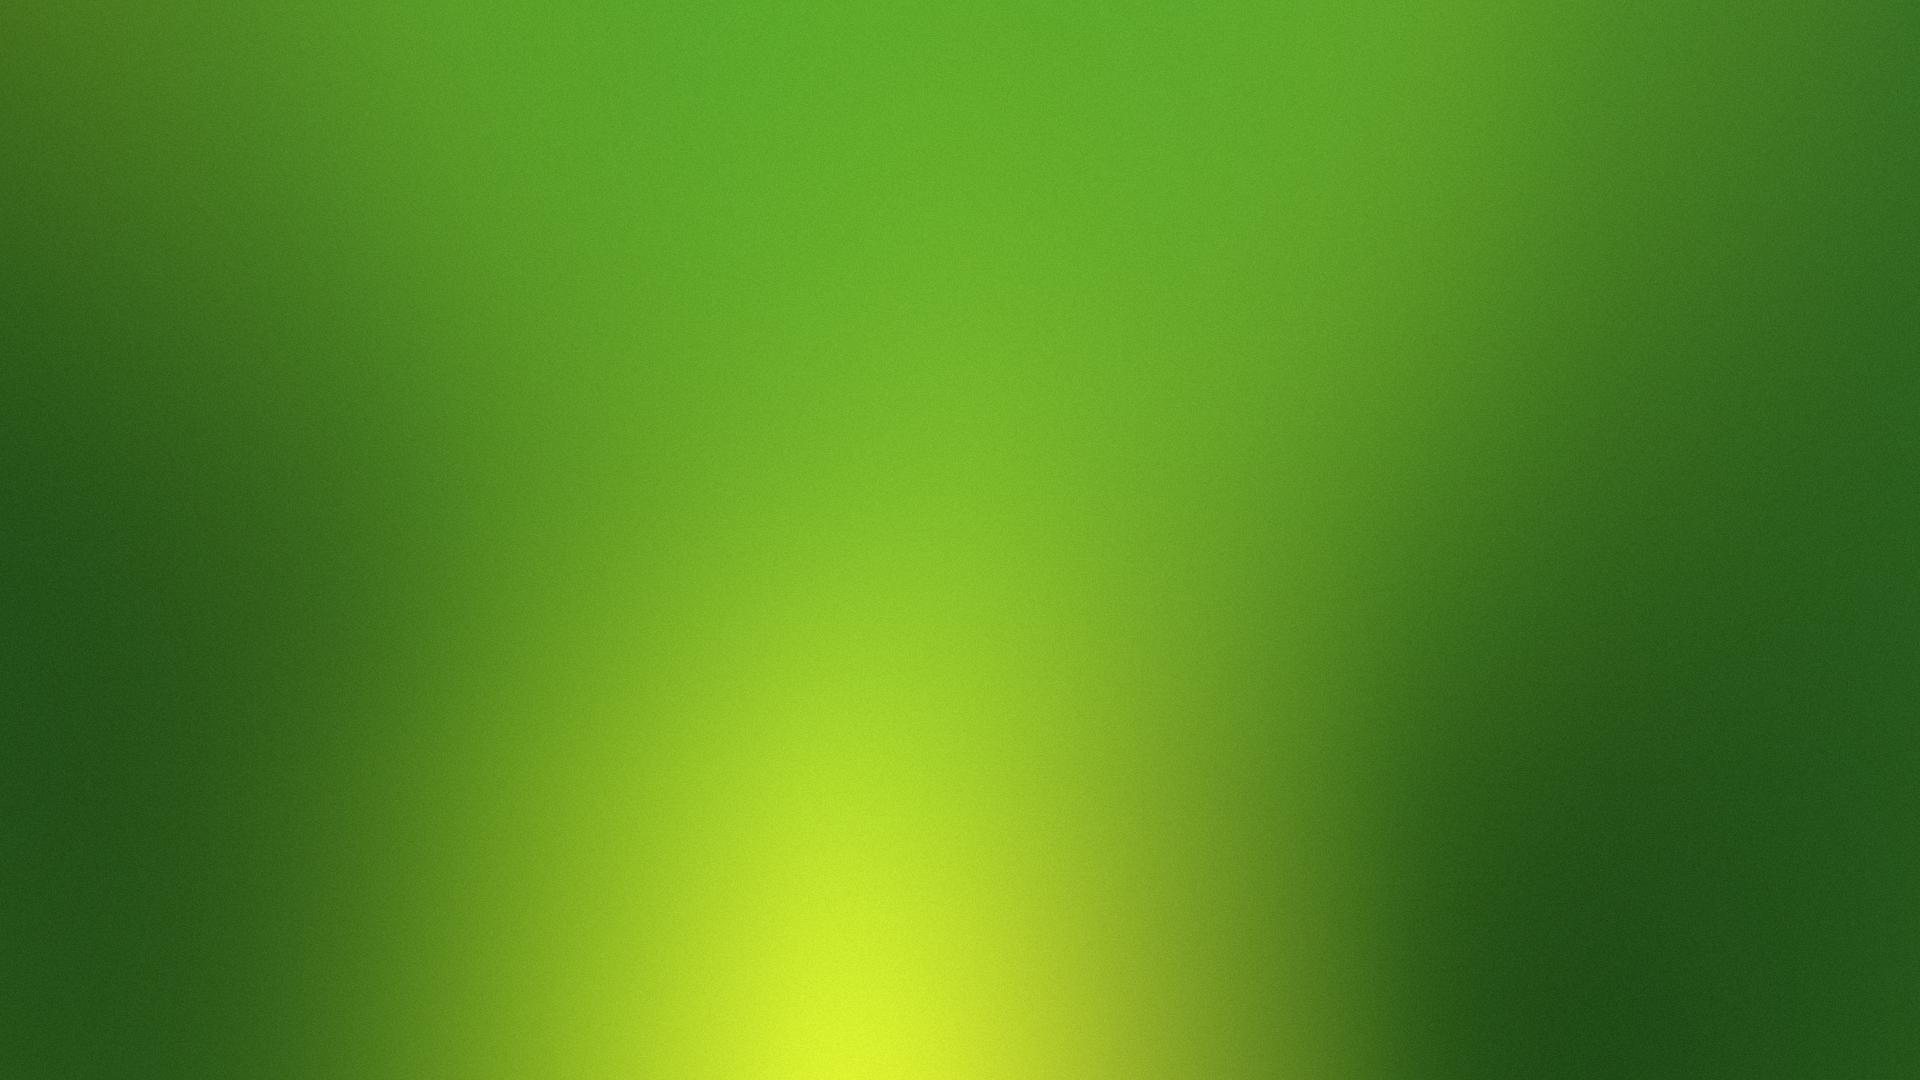 hdwallpapersinwallssimple green HDjpg 1920x1080